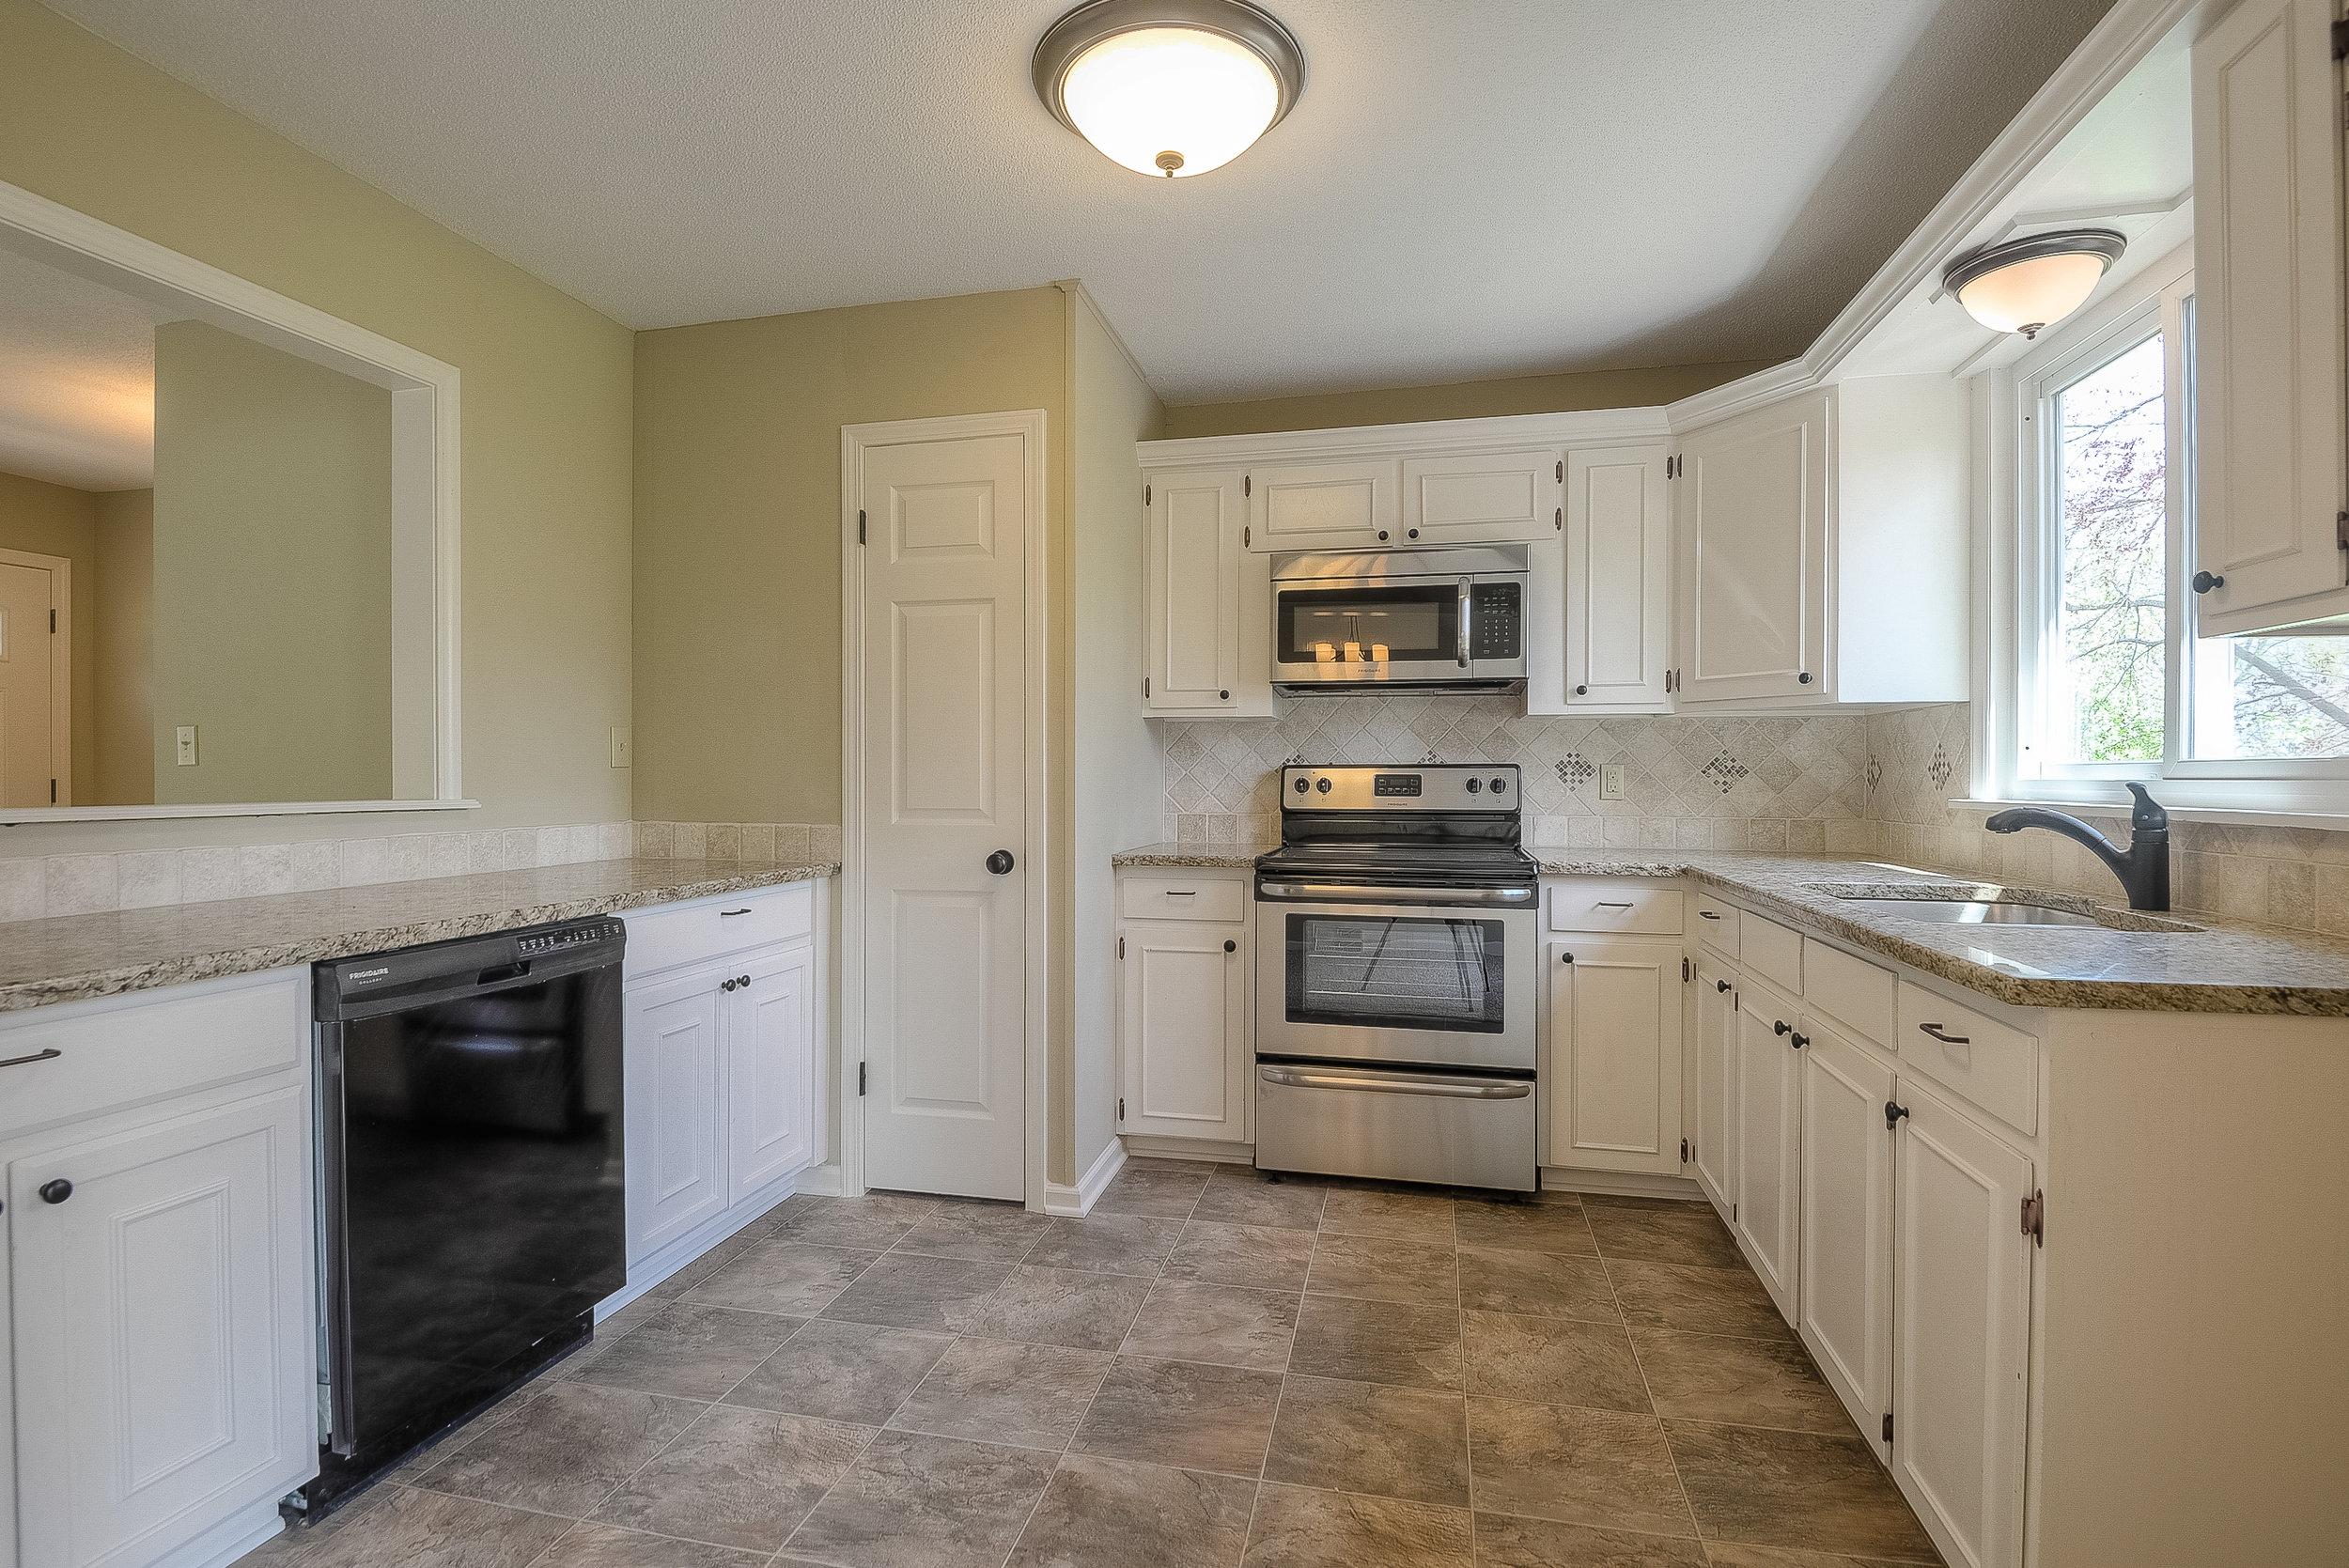 117th - Kitchen.jpg